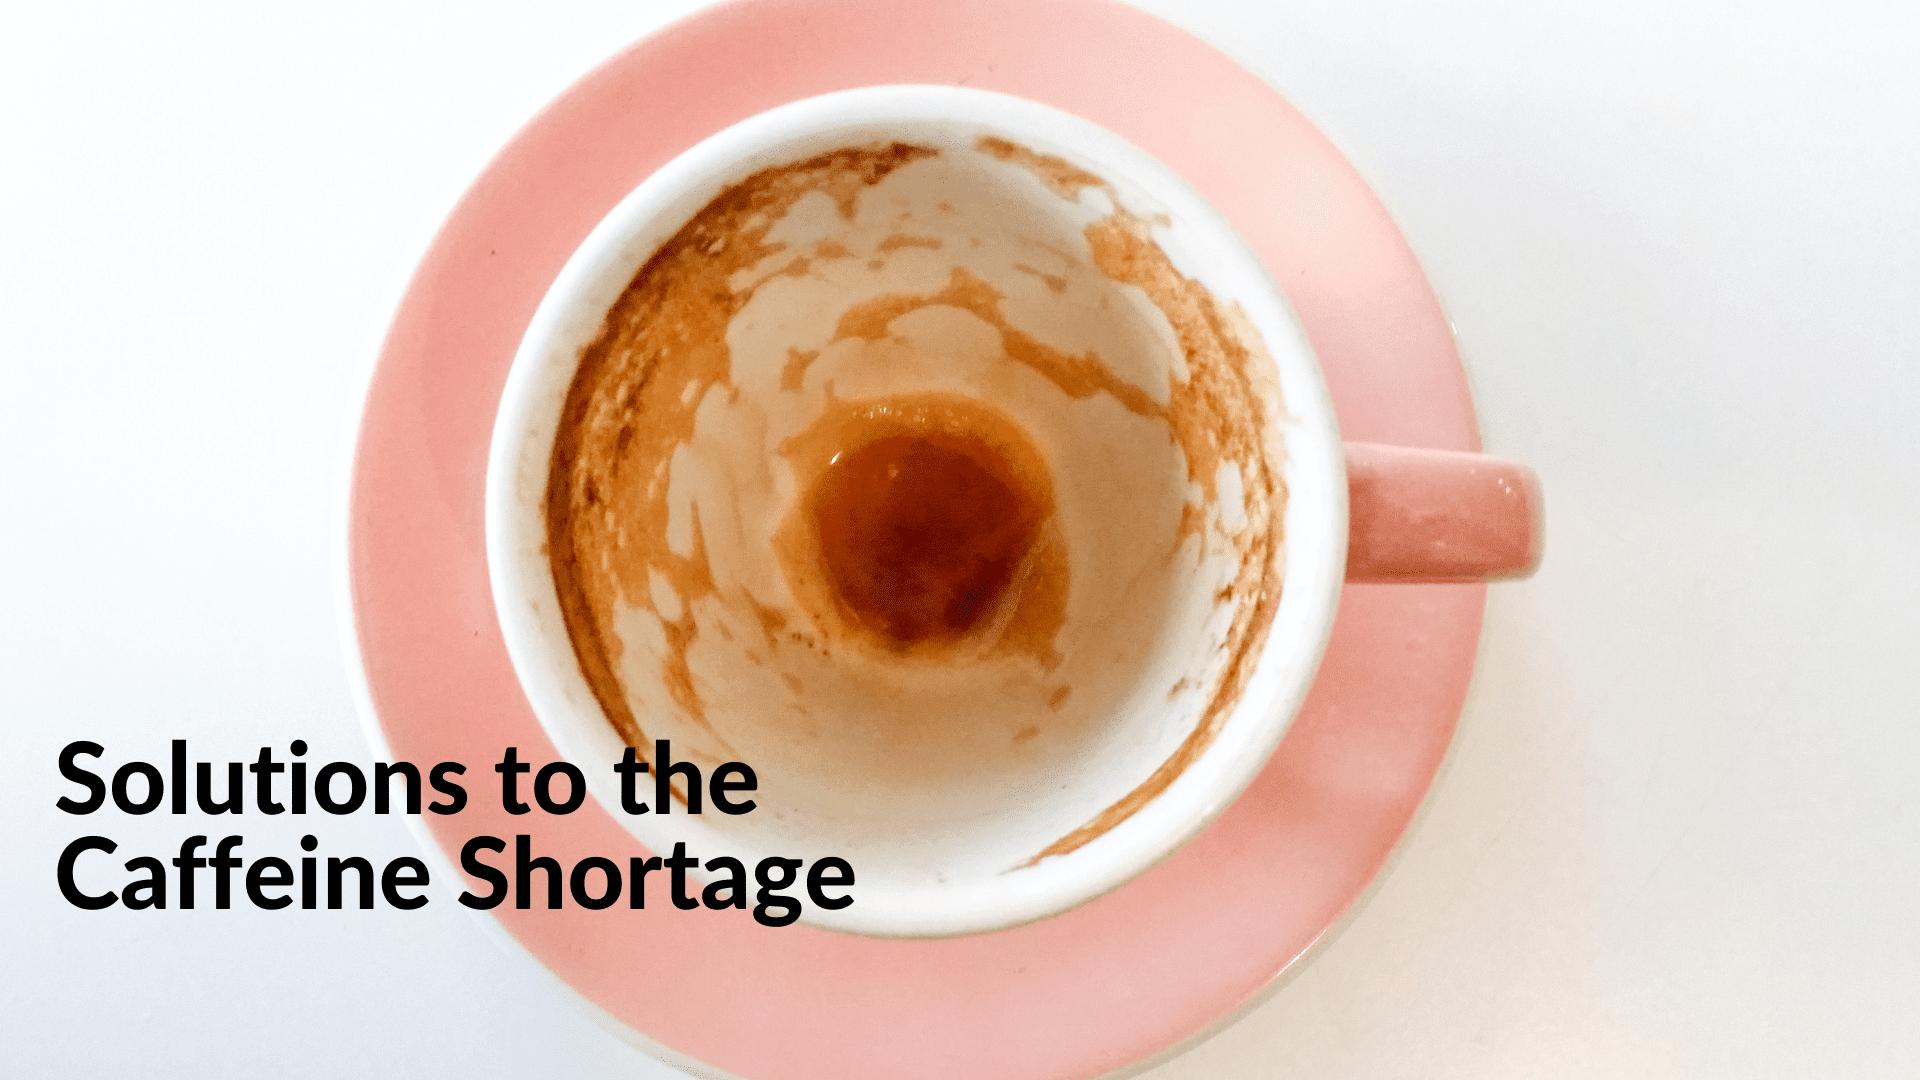 Caffeine Shortage